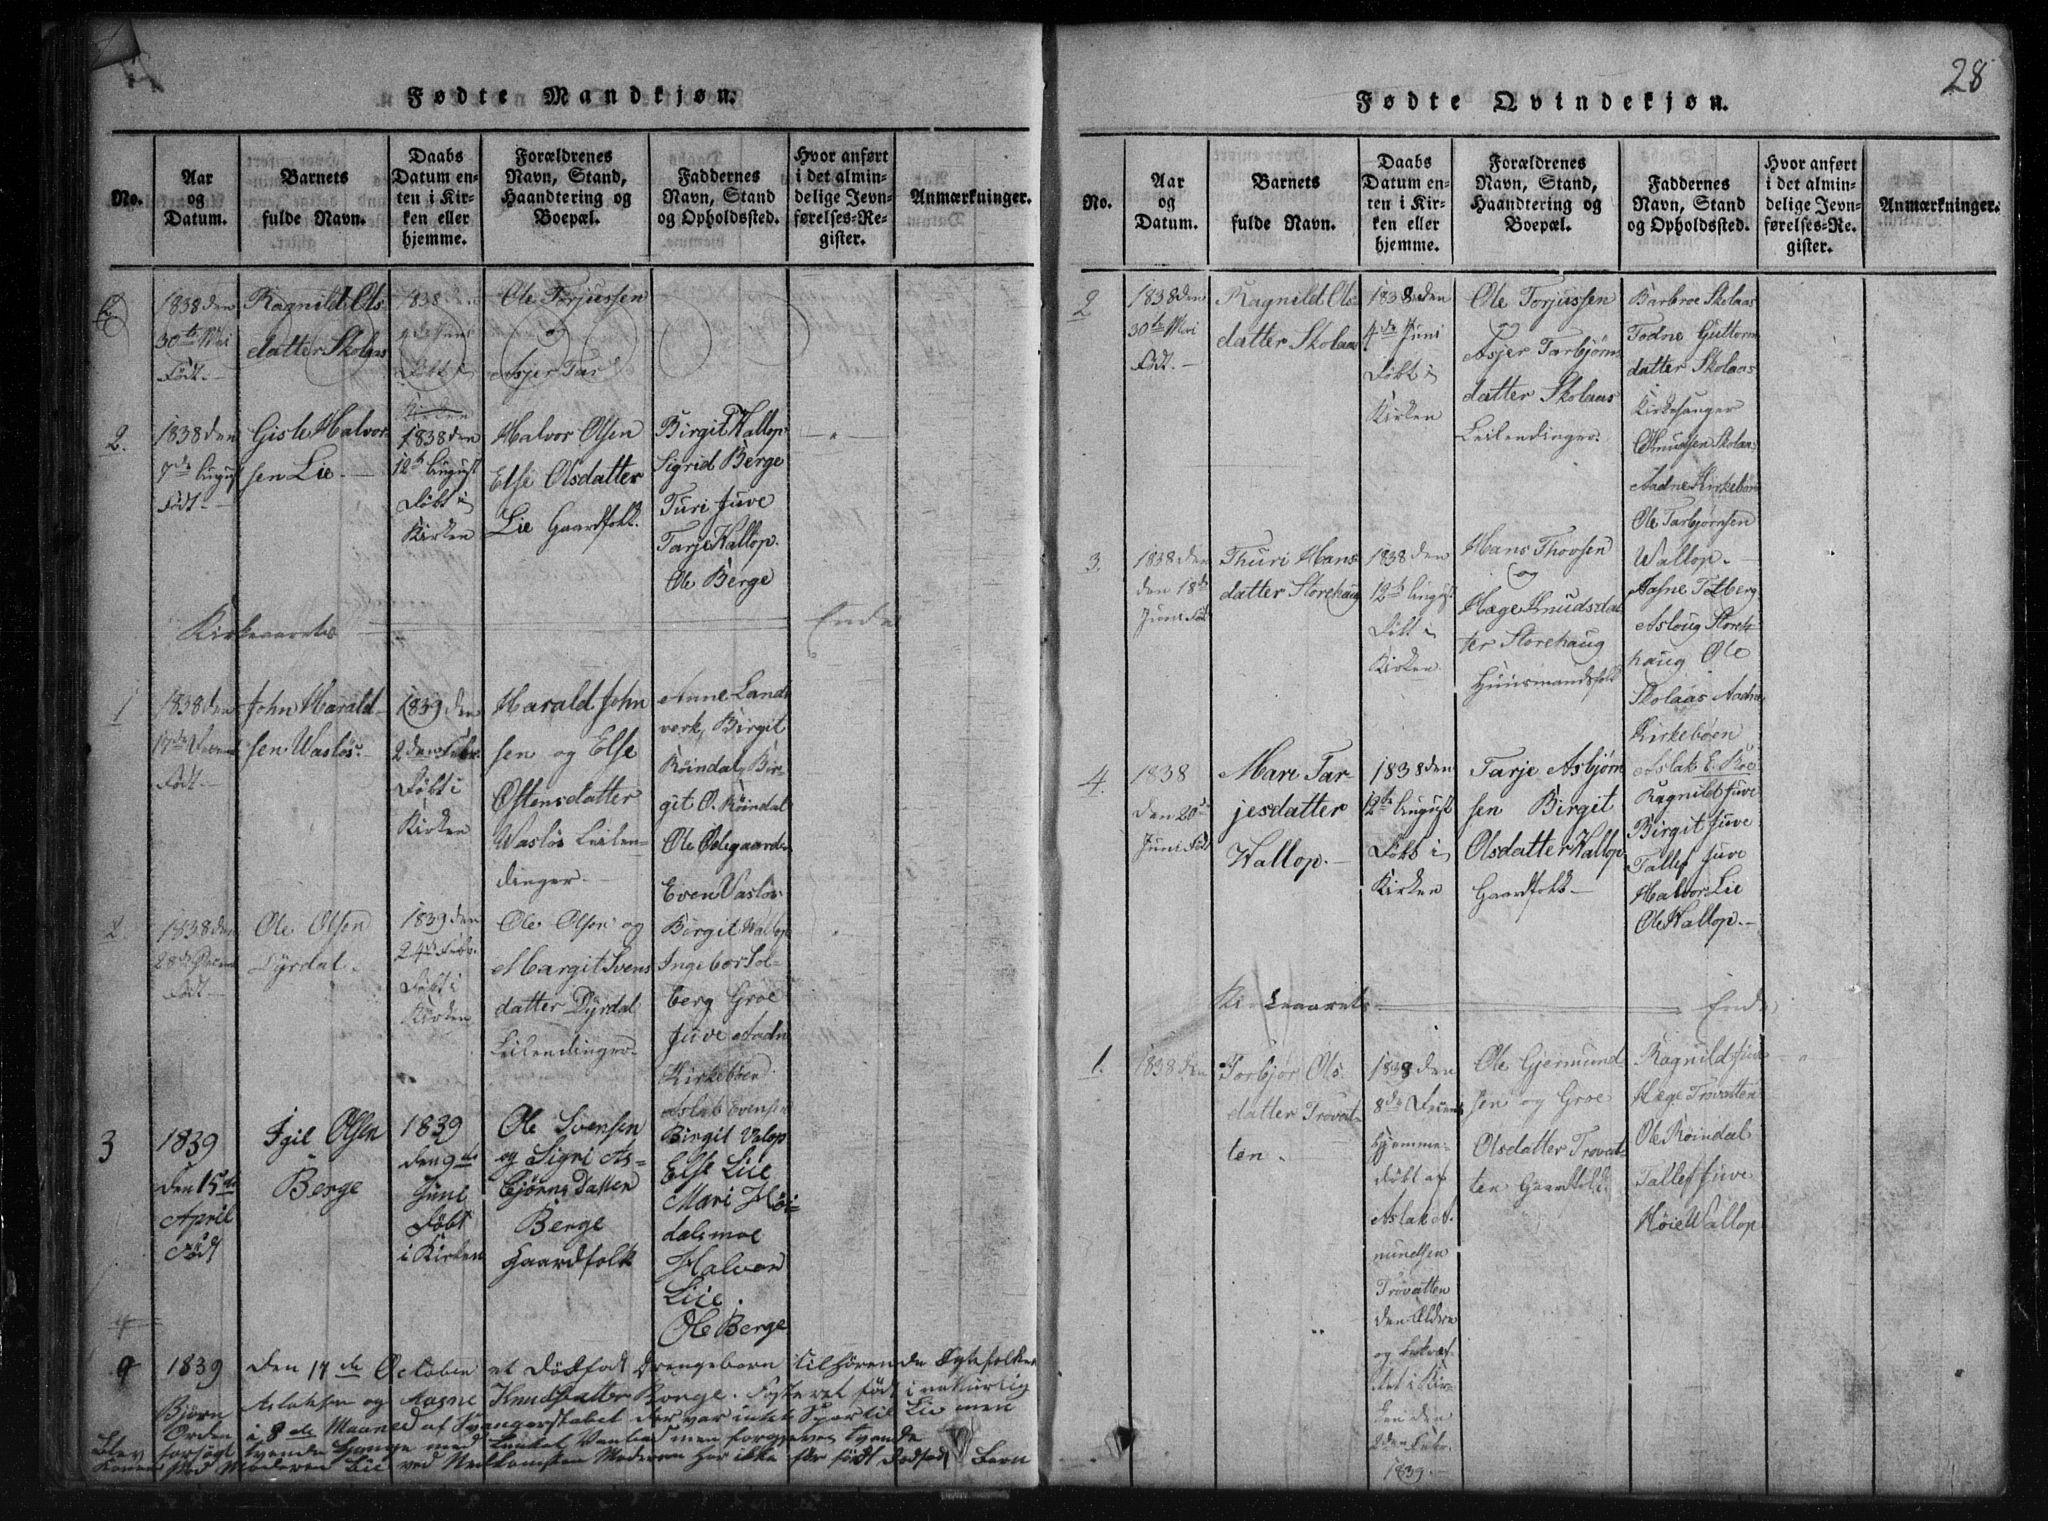 SAKO, Rauland kirkebøker, G/Gb/L0001: Klokkerbok nr. II 1, 1815-1886, s. 28